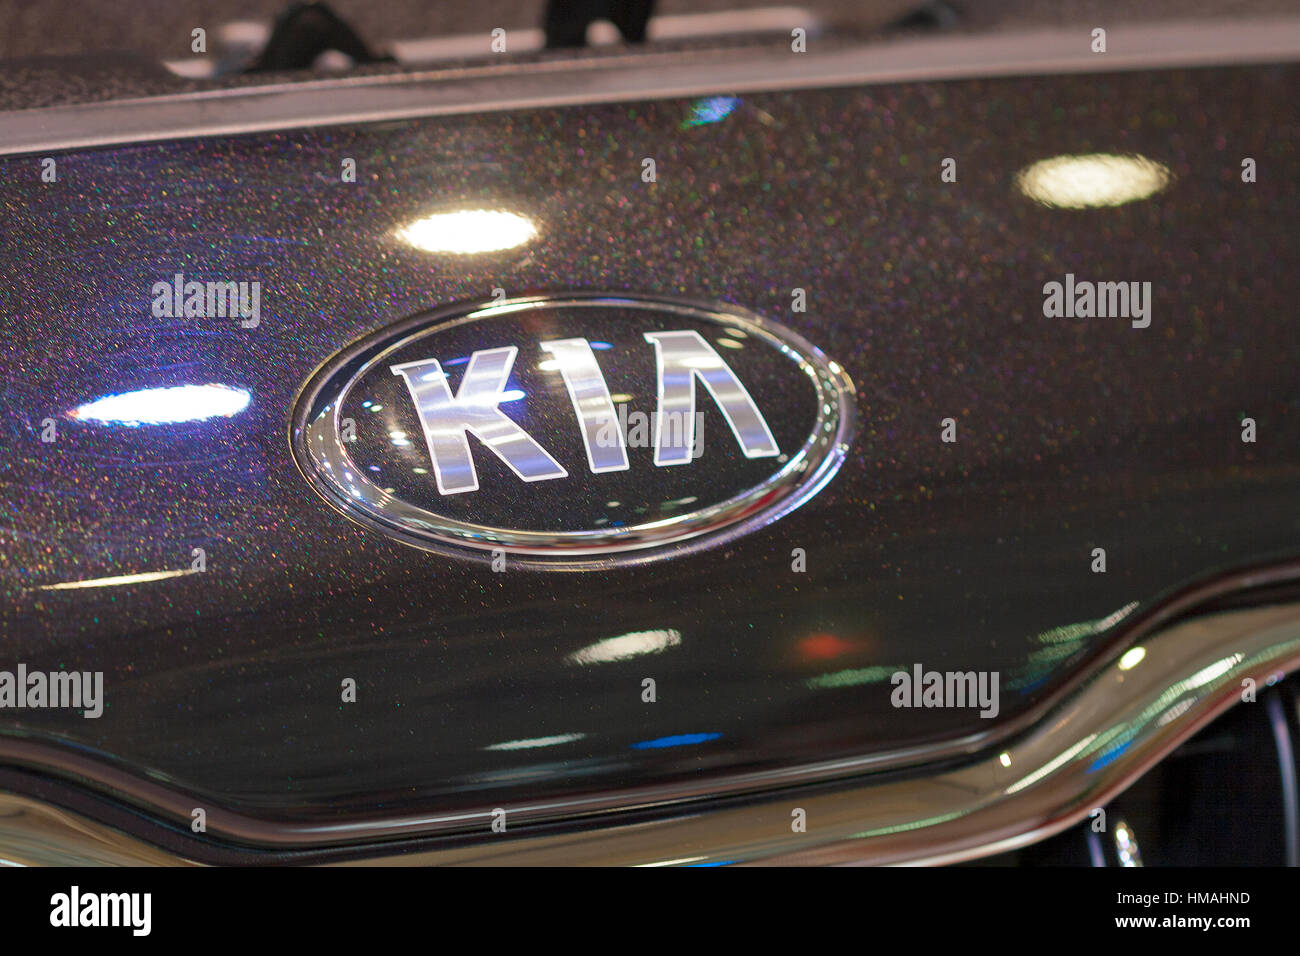 com kia launching logo show new logoblink